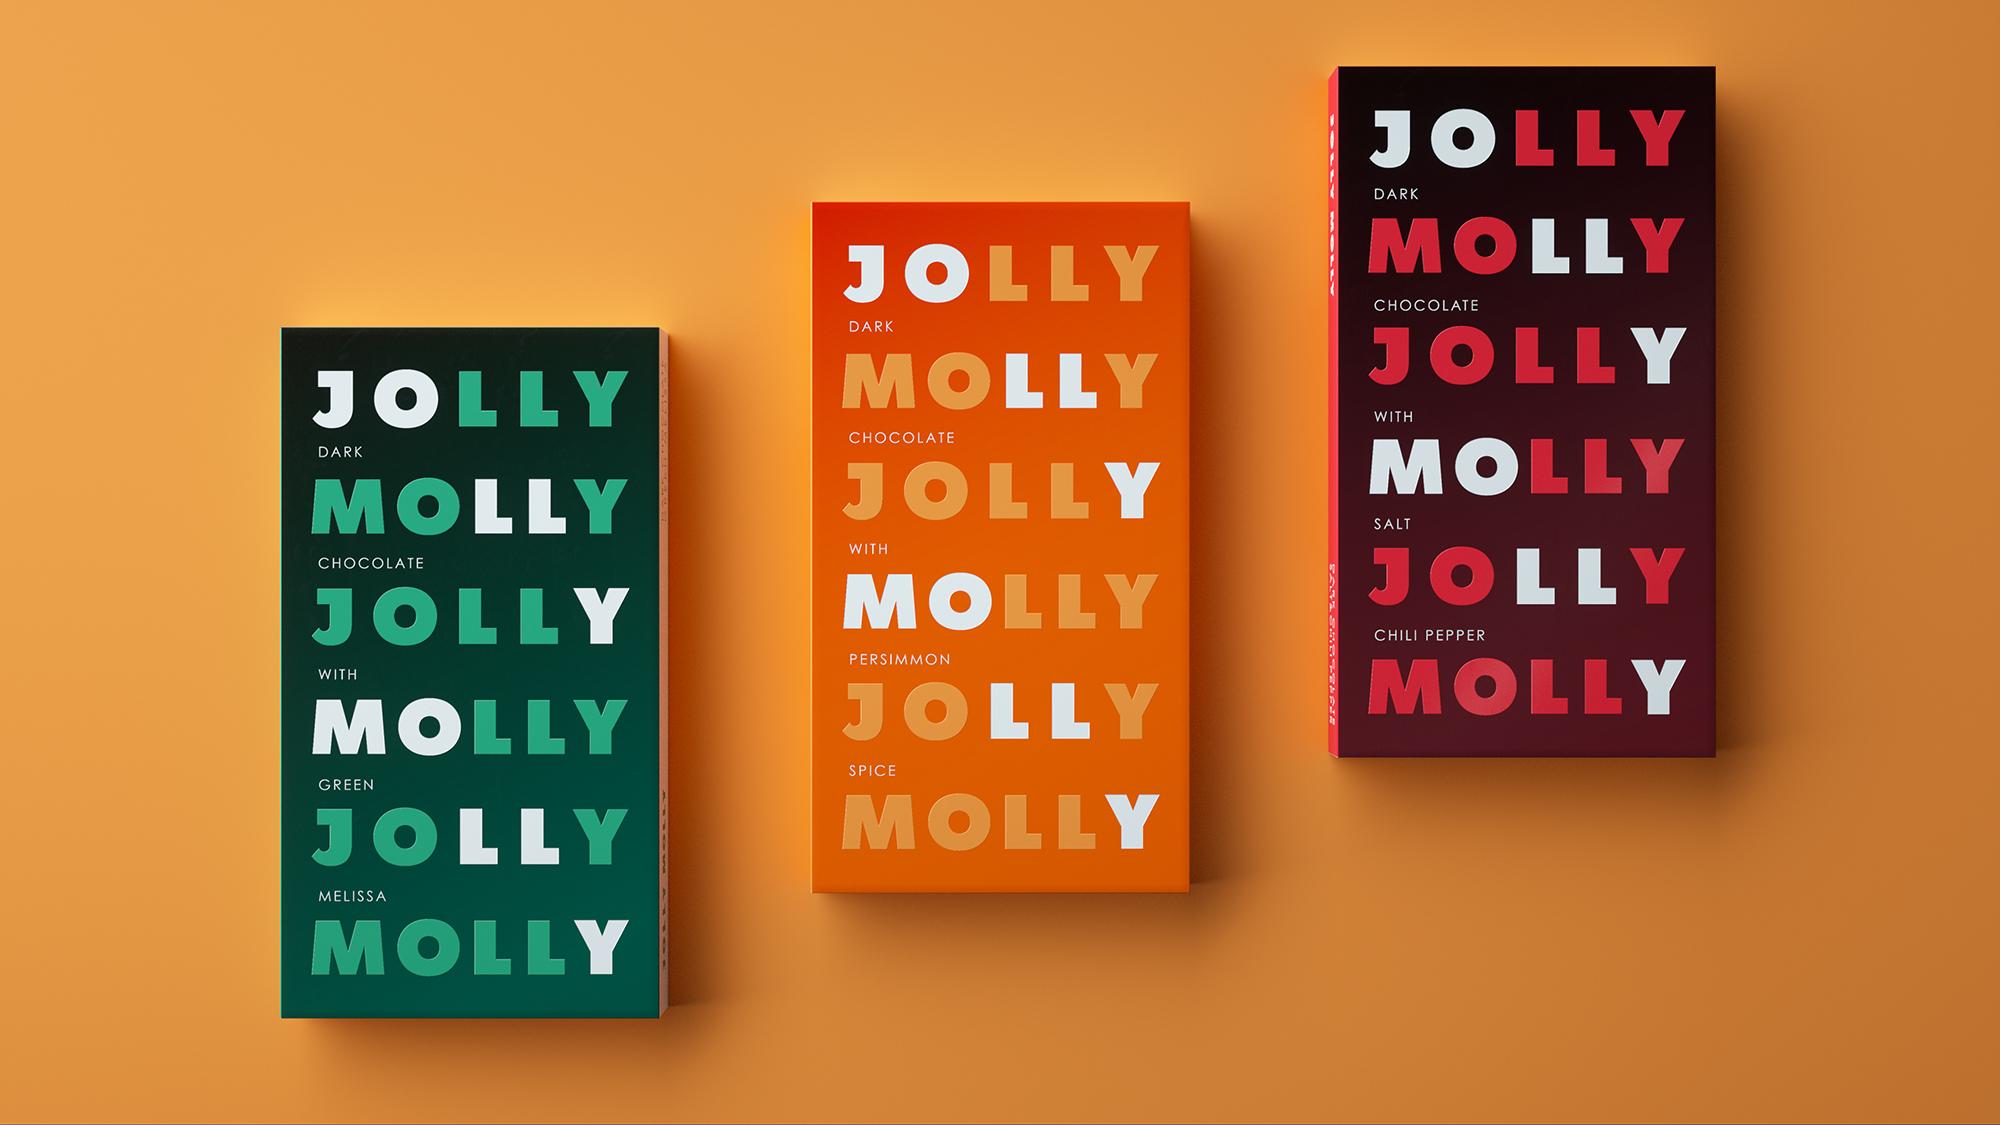 Jolly-Molly-02.jpg